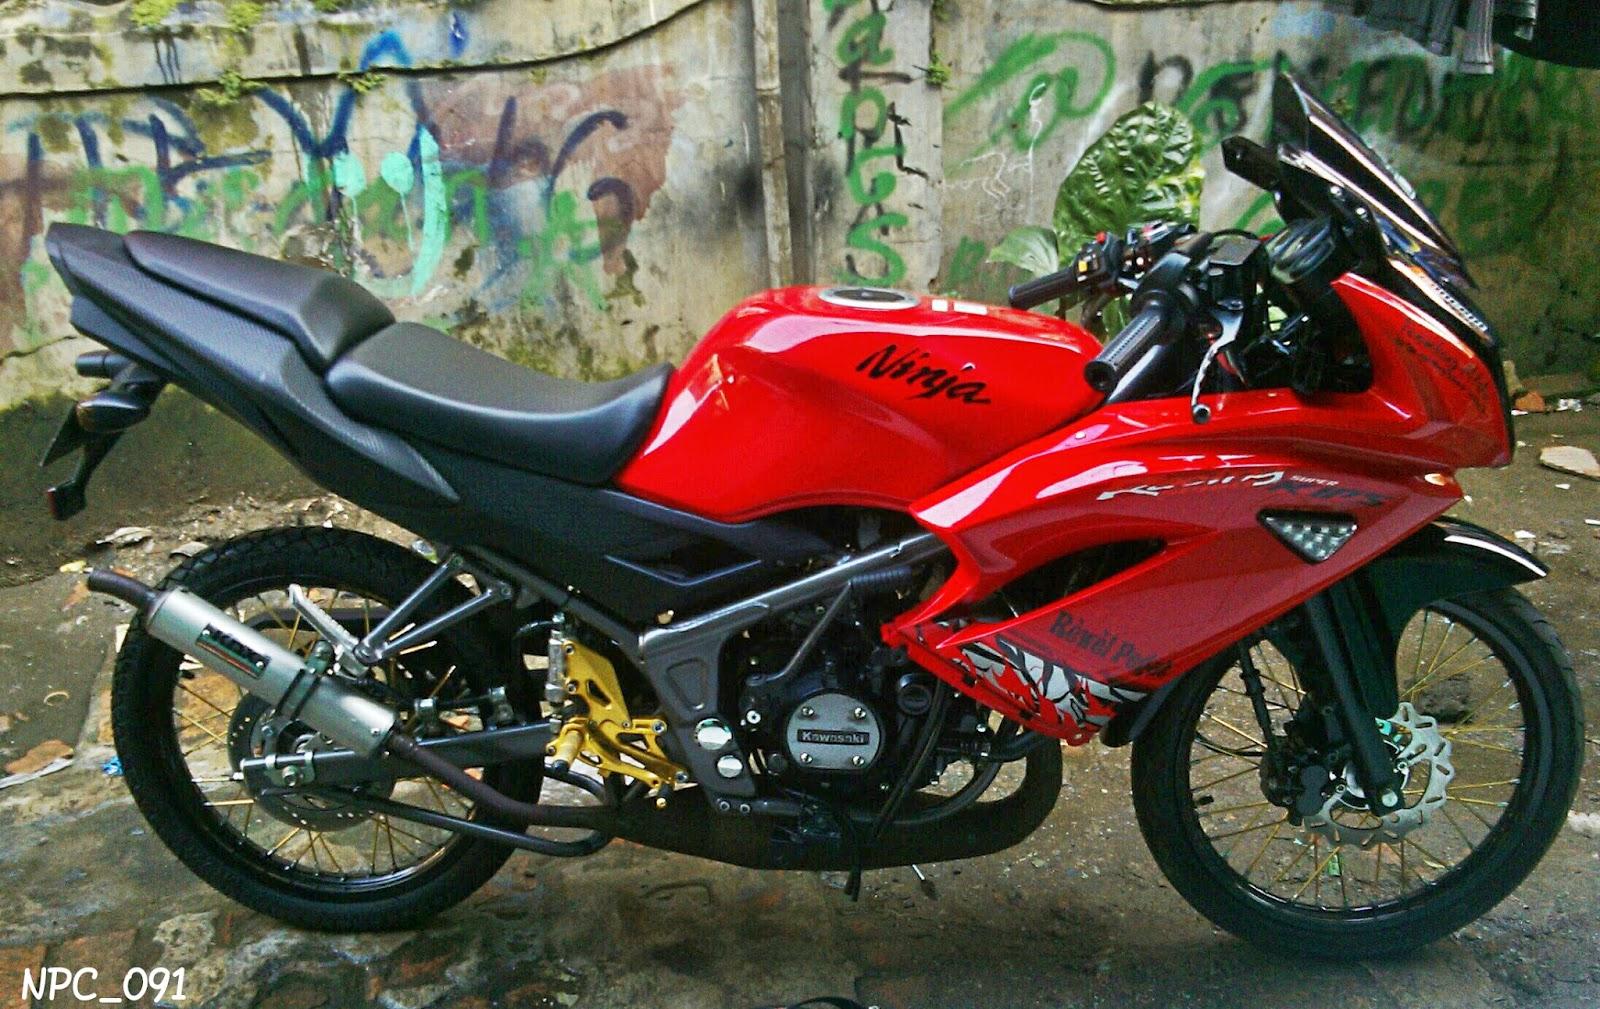 Download Koleksi 43 Gambar Modifikasi Motor Ninja Rr Warna Merah Terbaru Lawang Motor